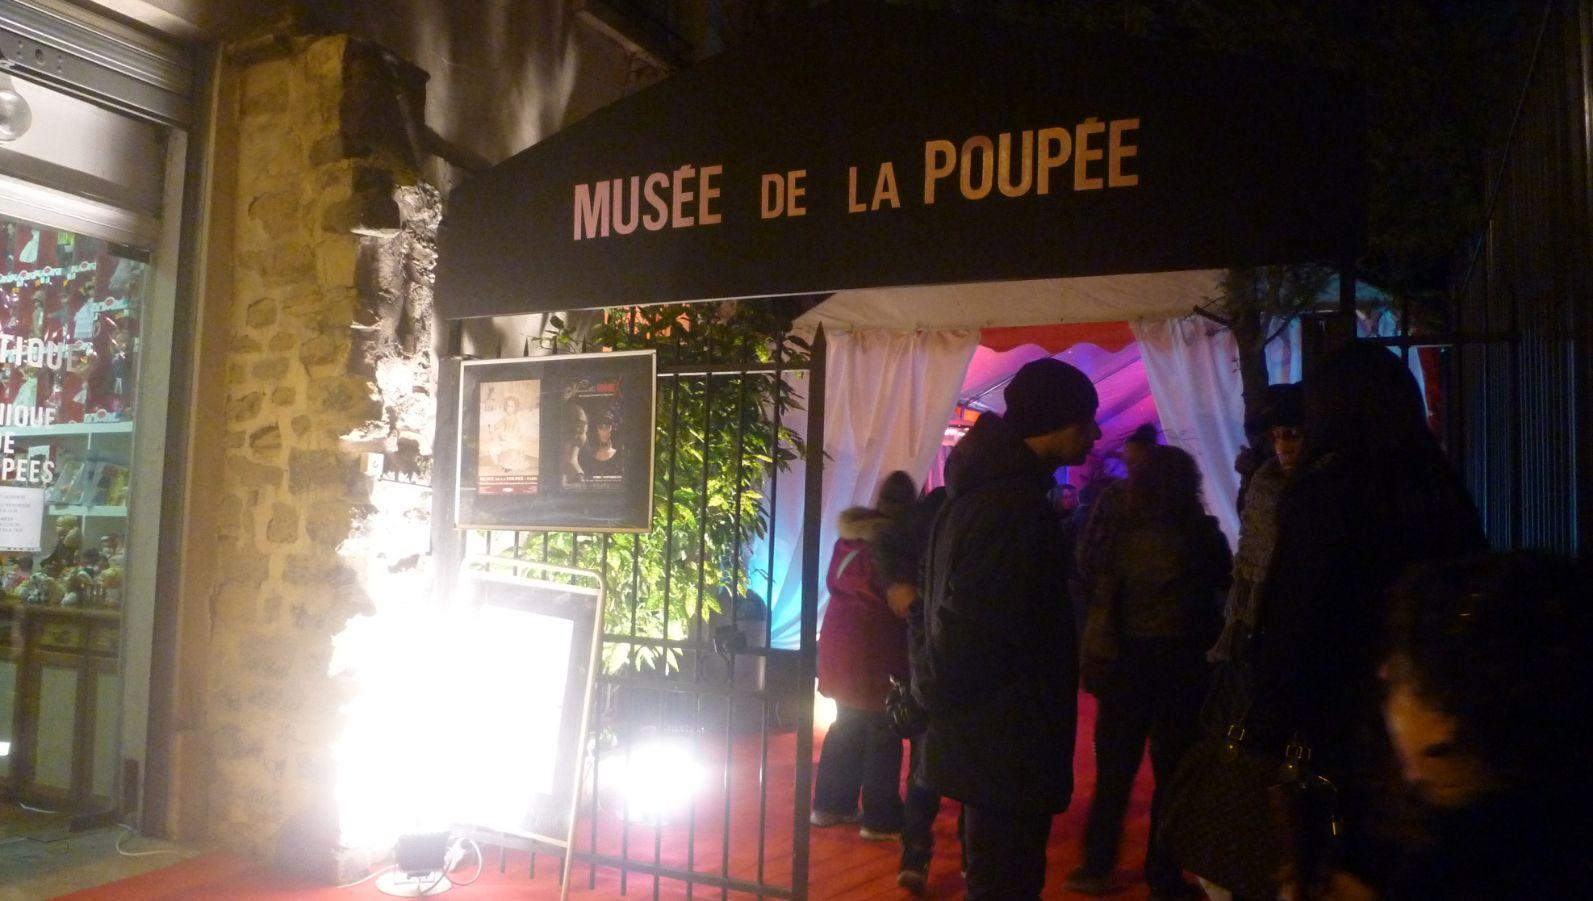 museedelapoupee